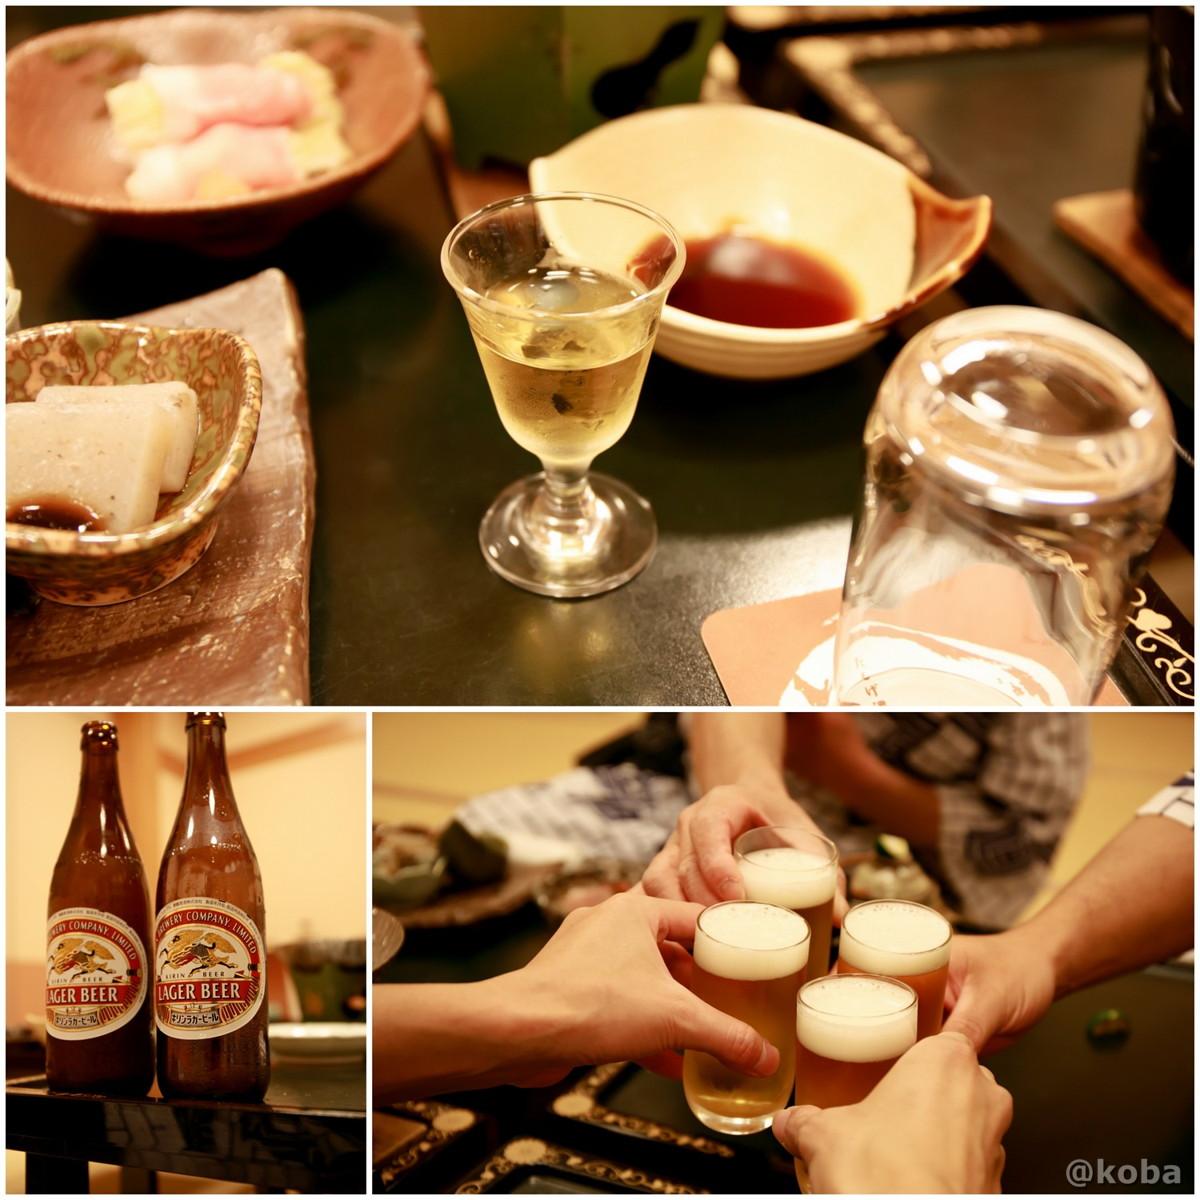 食前酒 梅酒 ・キリン瓶ビールで乾杯~♪の写真│たんげ温泉 美郷館(みさとかん)│群馬県 吾妻郡